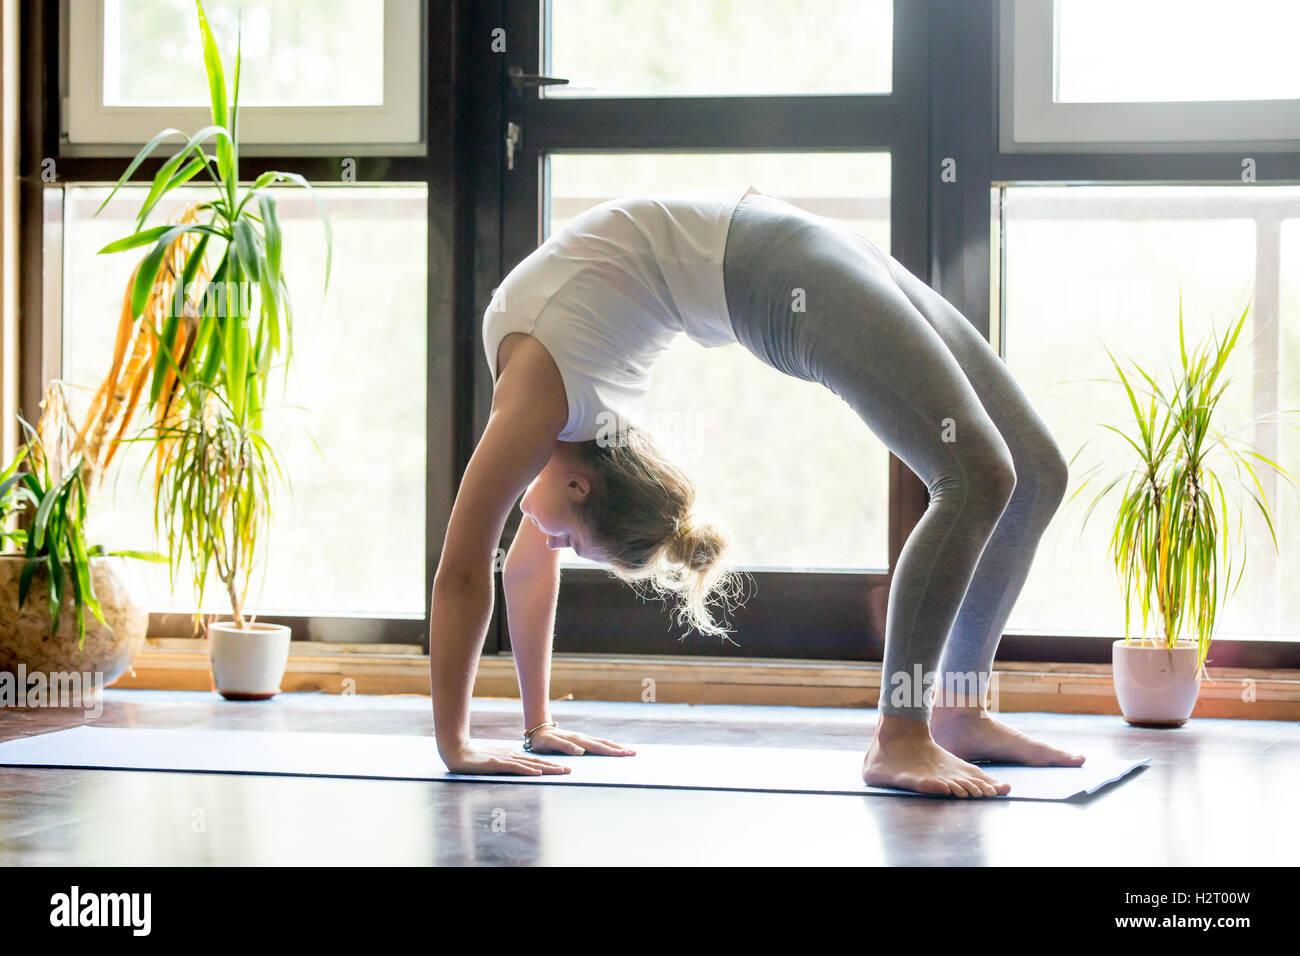 Lo Yoga a casa: Ponte pongono Immagini Stock